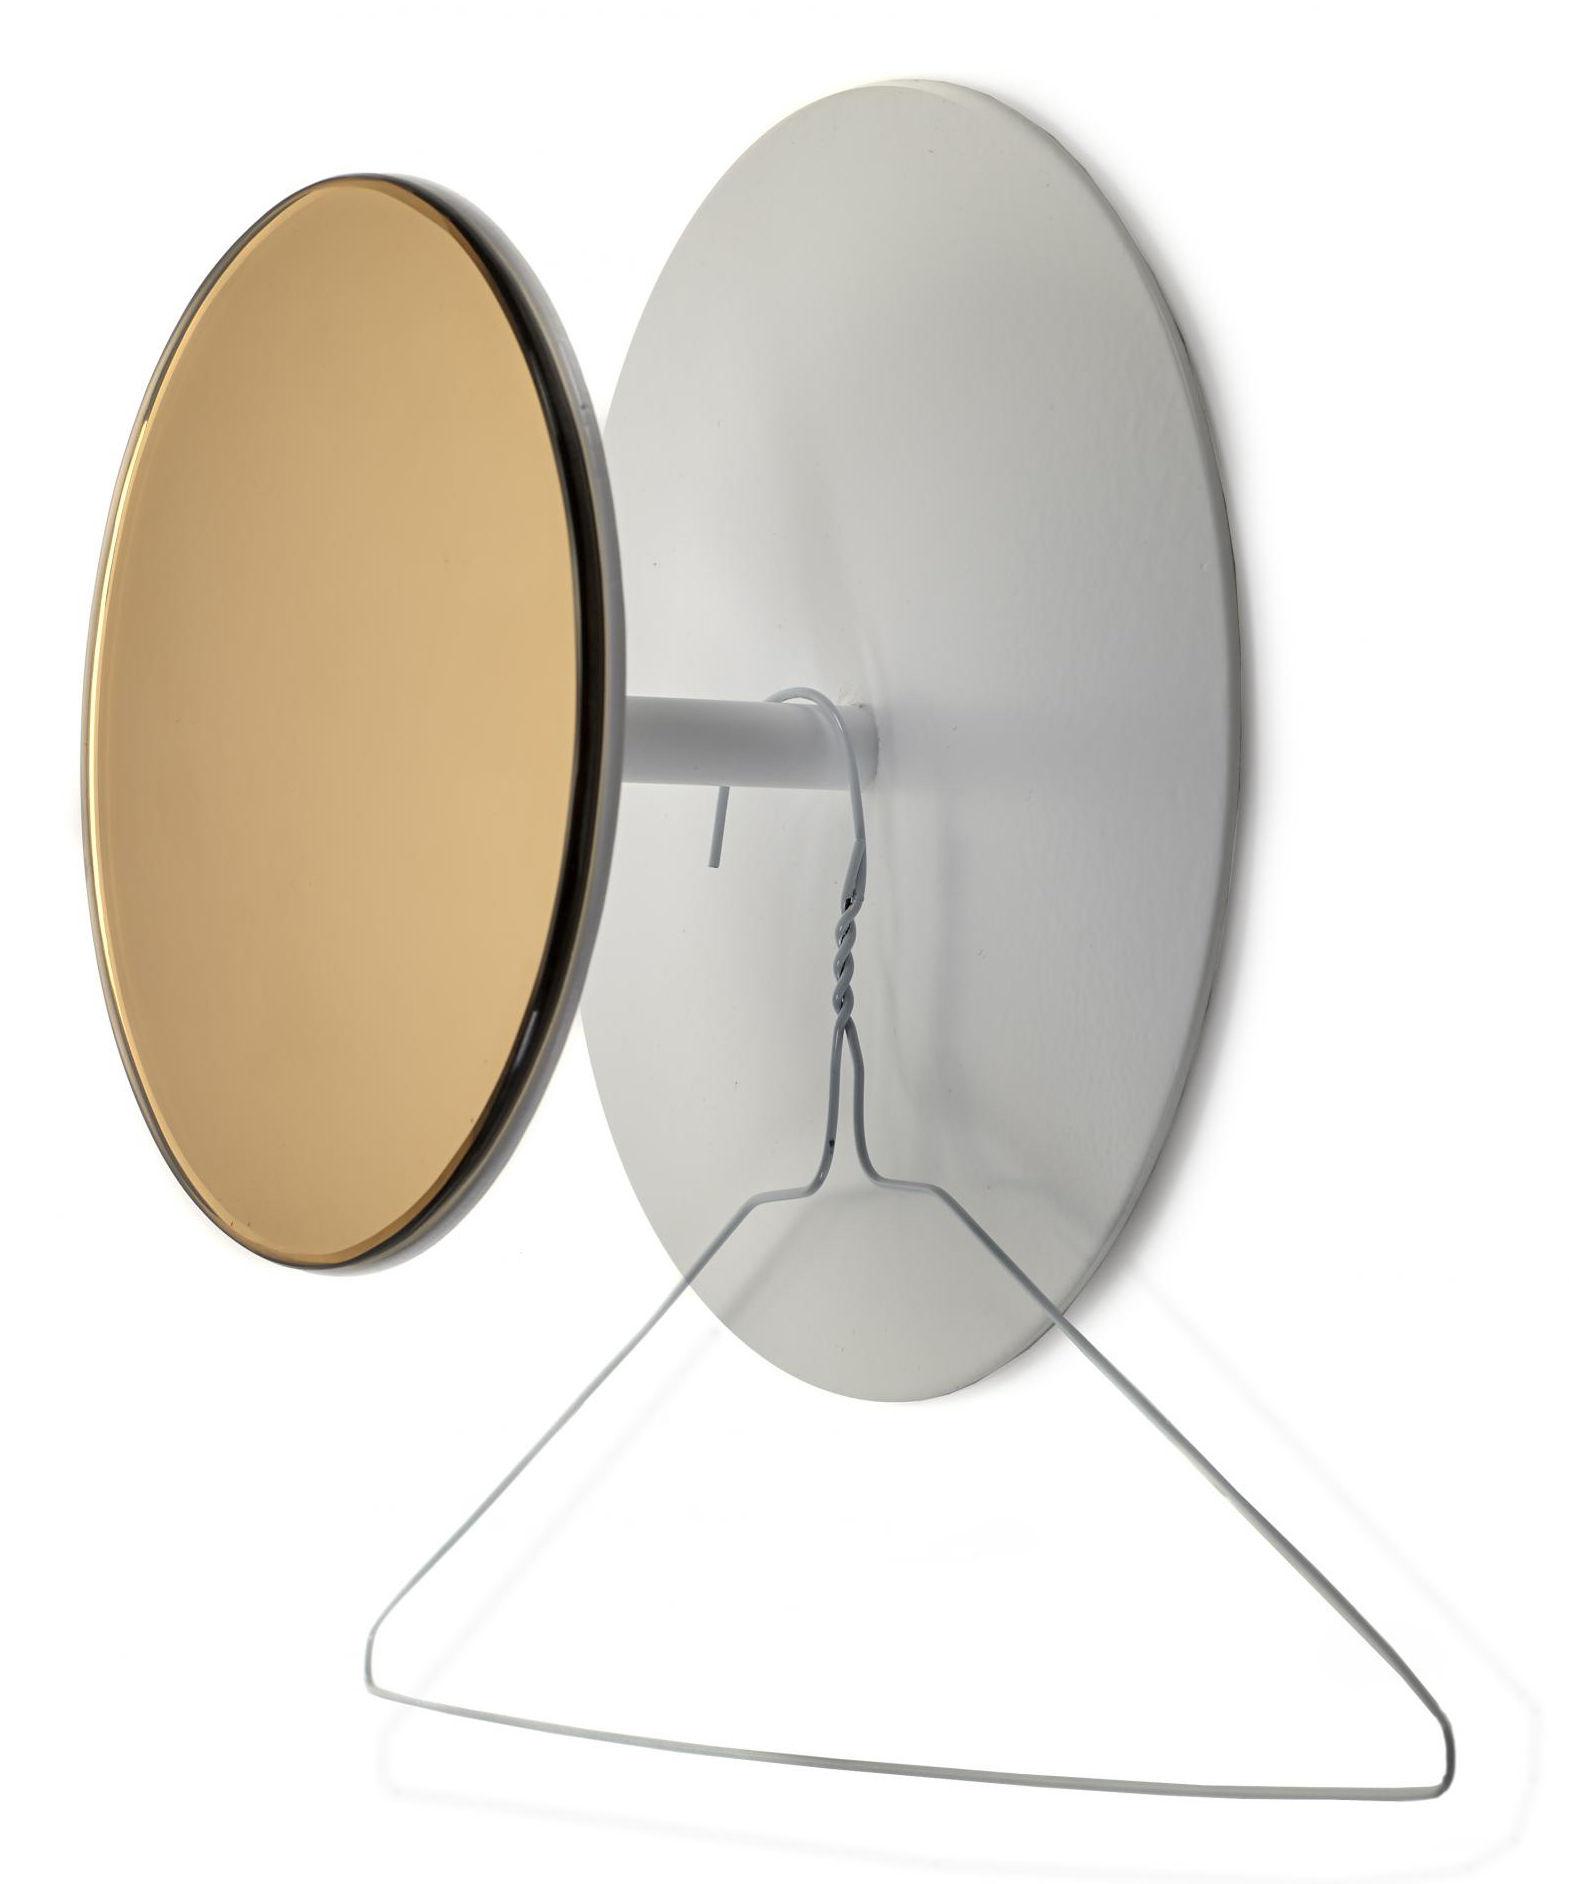 Mobilier - Portemanteaux, patères & portants - Patère Reflect / Miroir - Ø 25 cm - Serax - Blanc / Miroir cuivre - Métal, Verre fumé